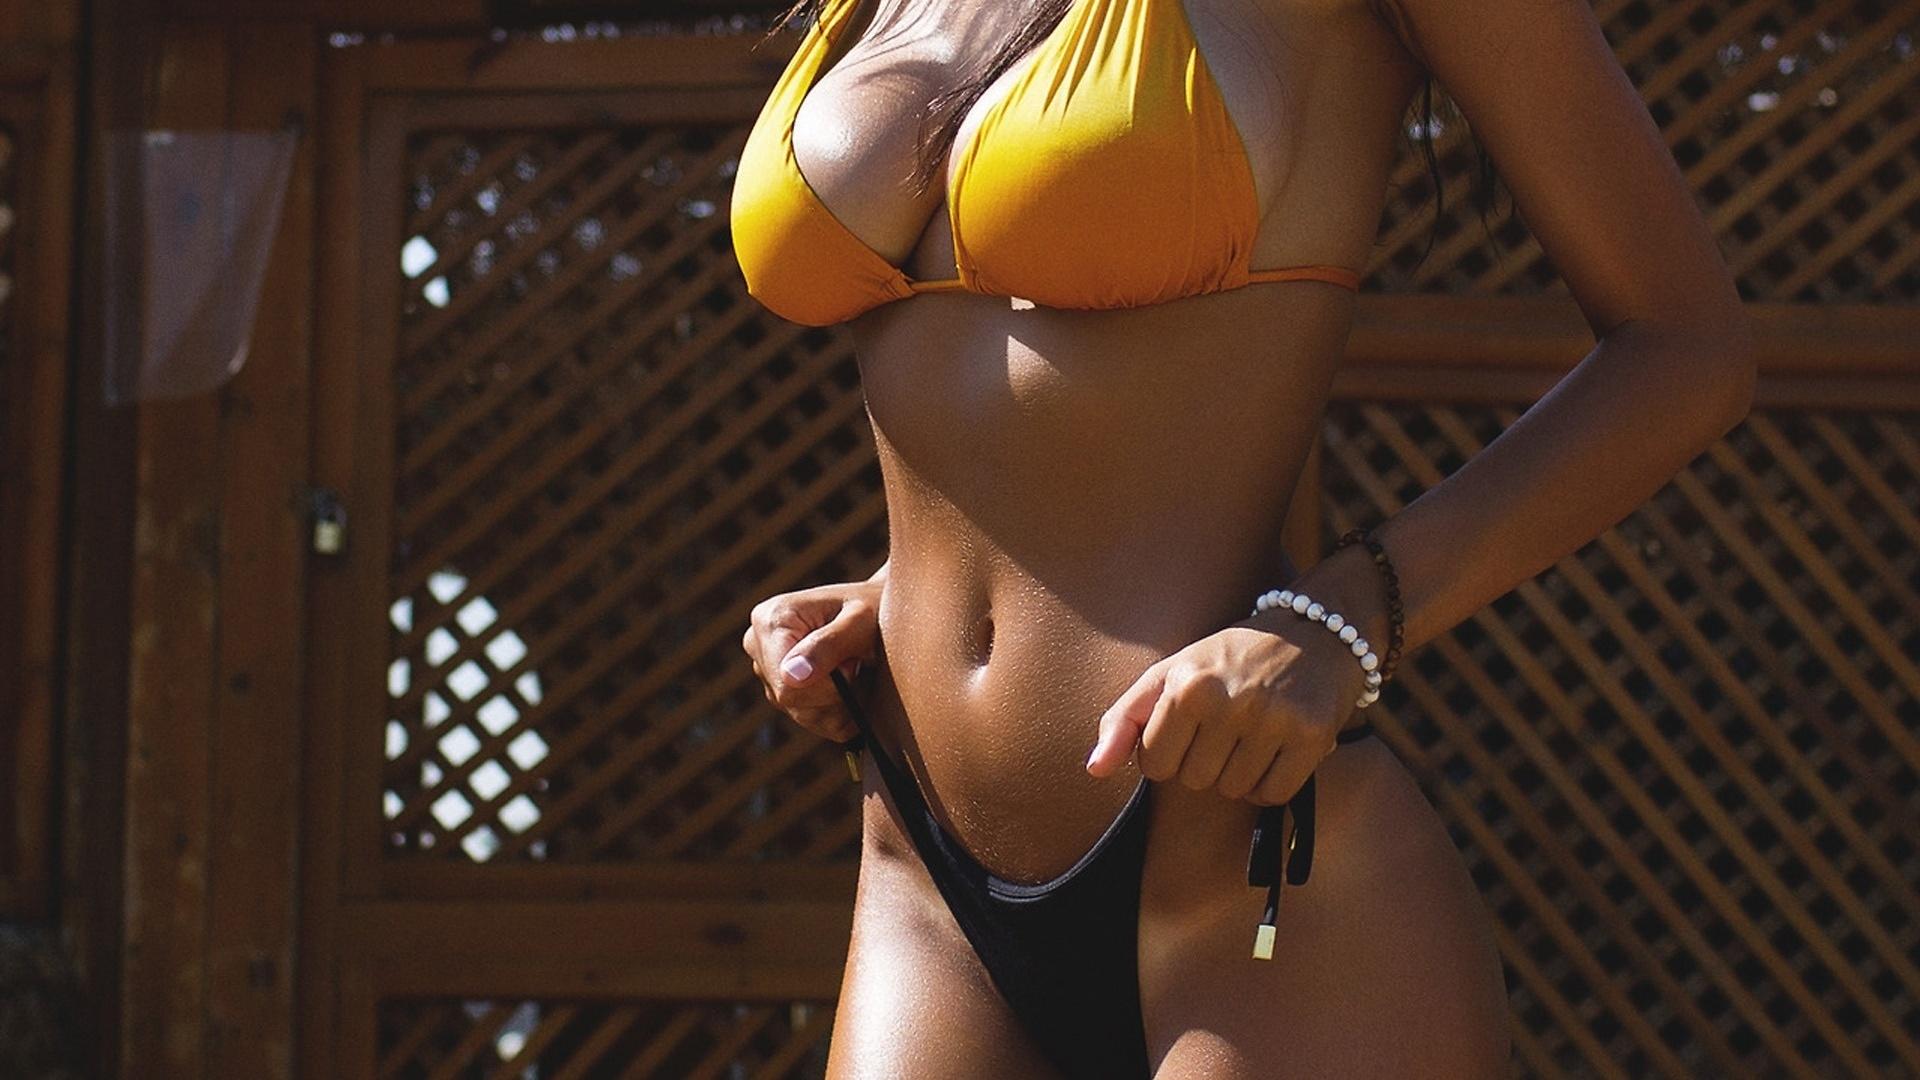 Блондинкой с идеальной охуительной секс фигурой с